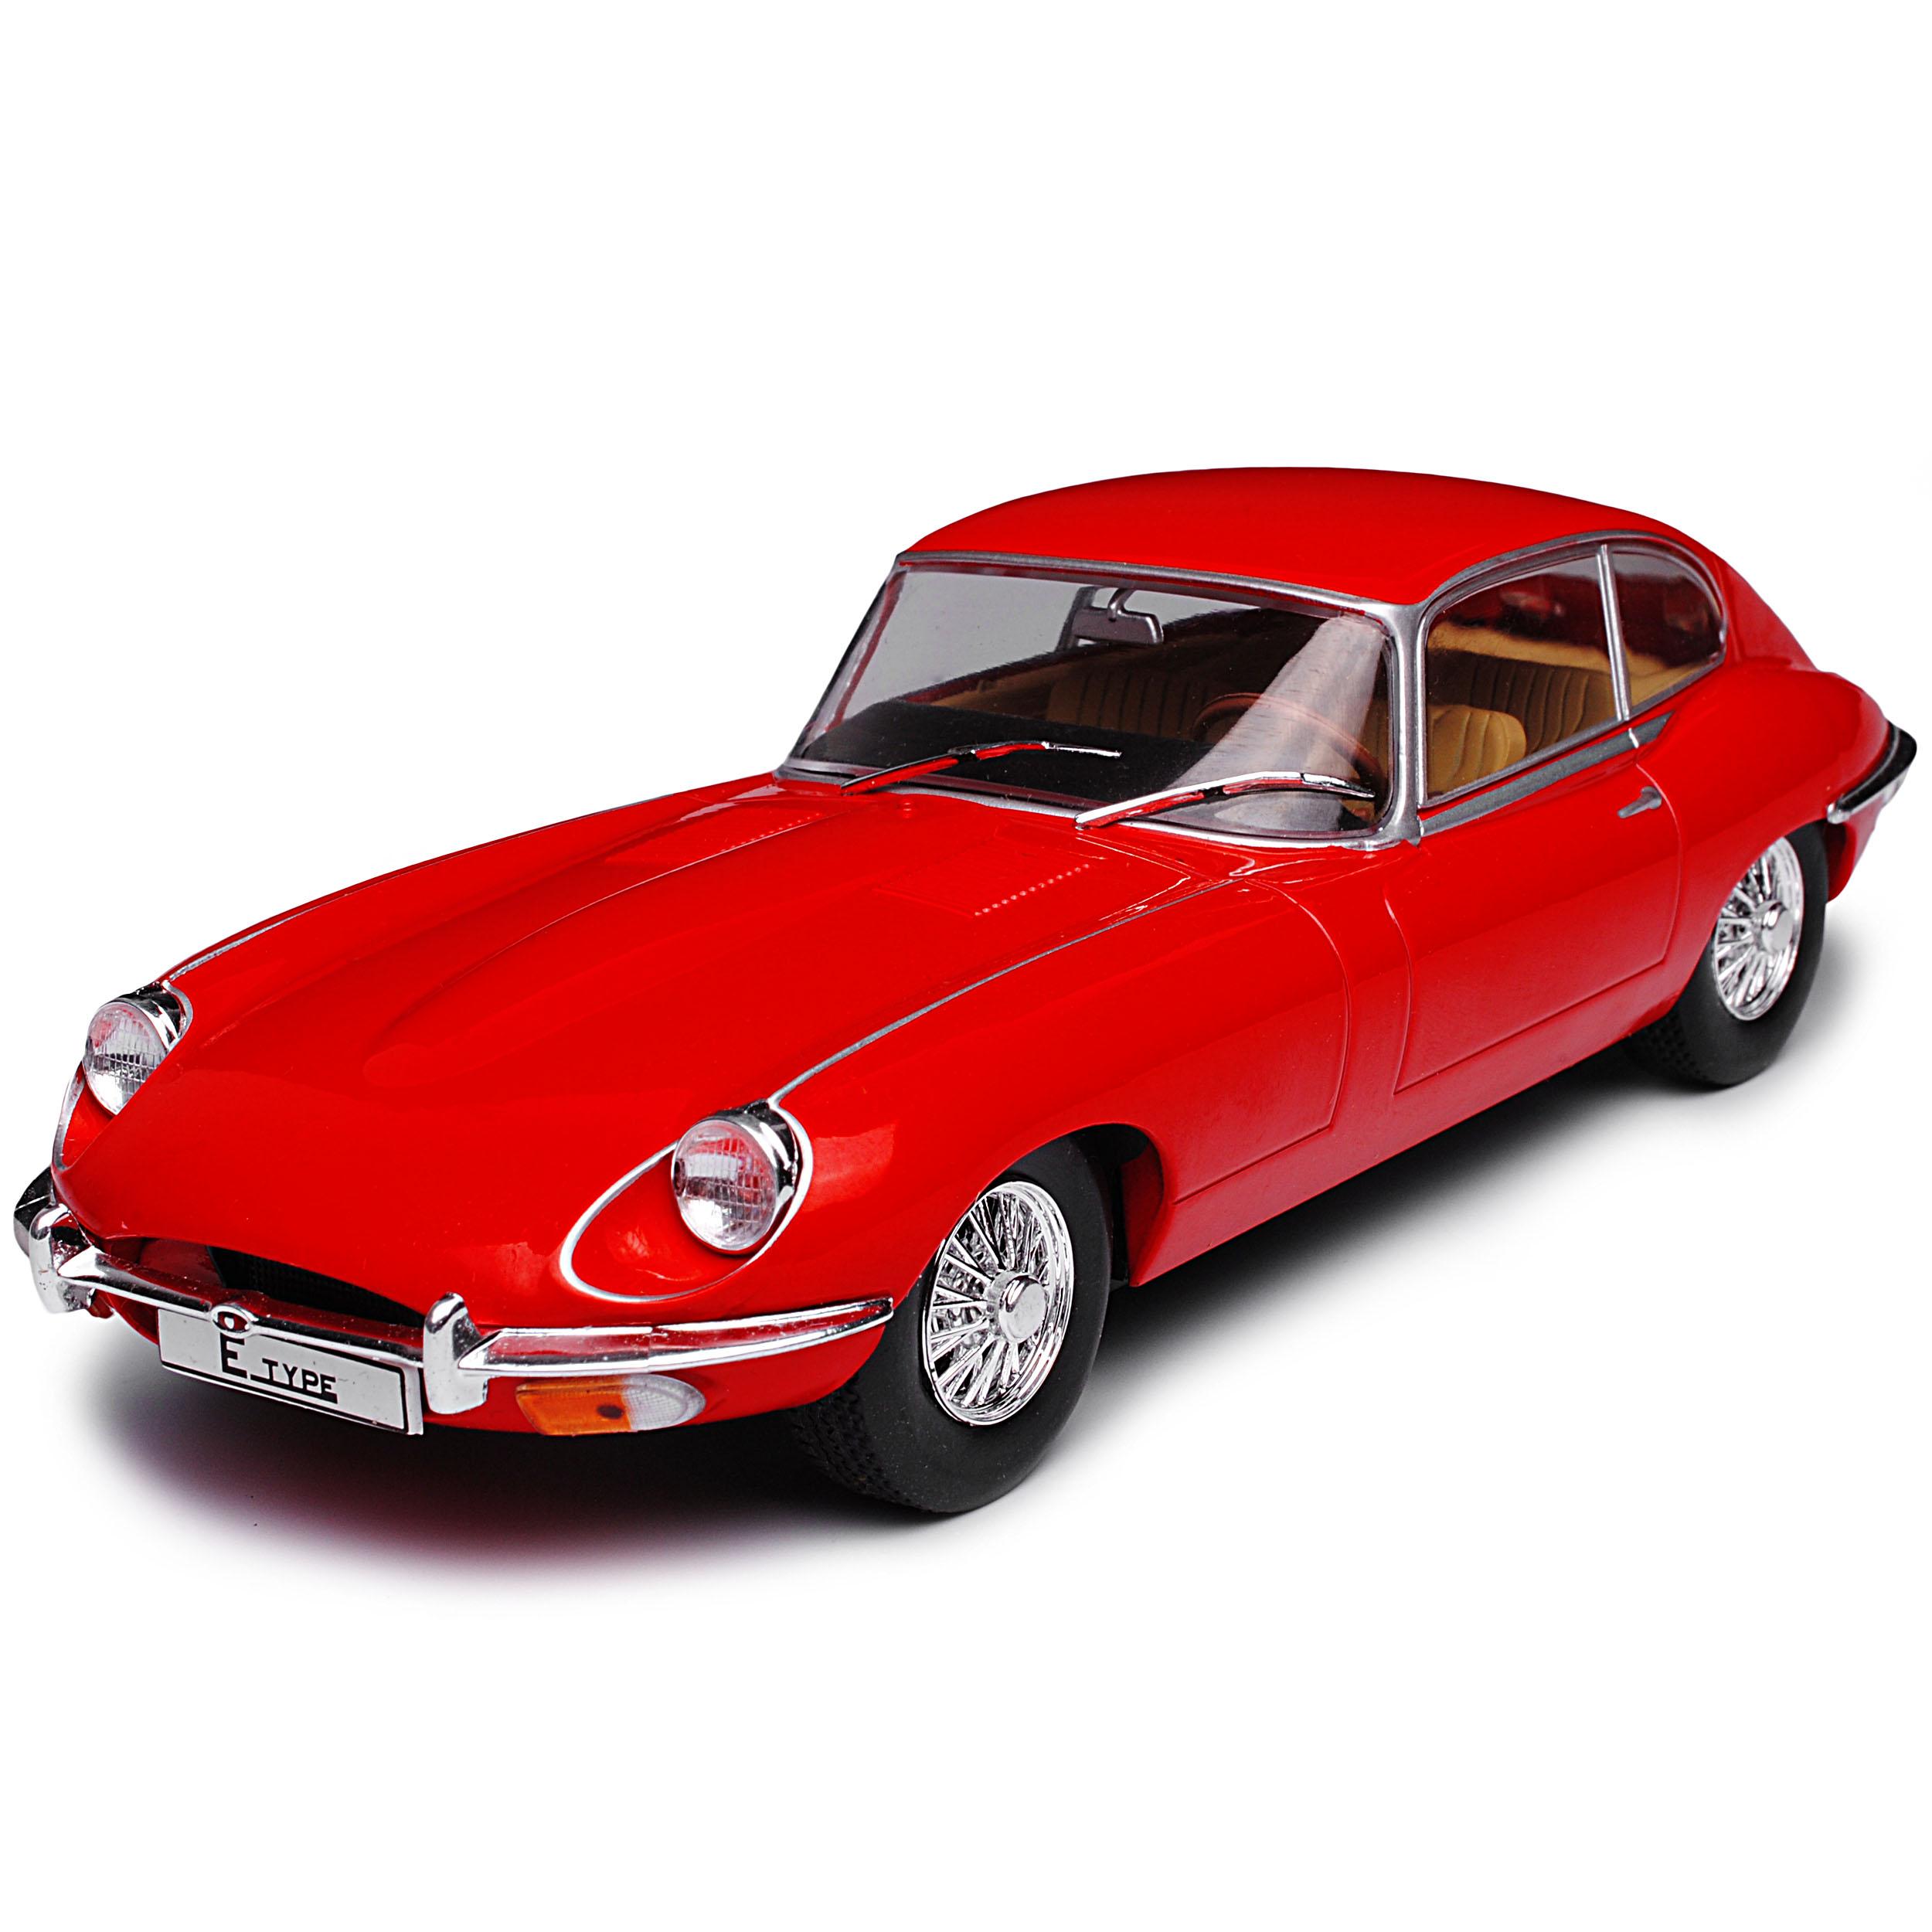 Jaguar-E-Type-Coupe-Rojo-1961-1974-1-24-Whitebox-modelo-coche-con-o-sin-indi miniatura 7